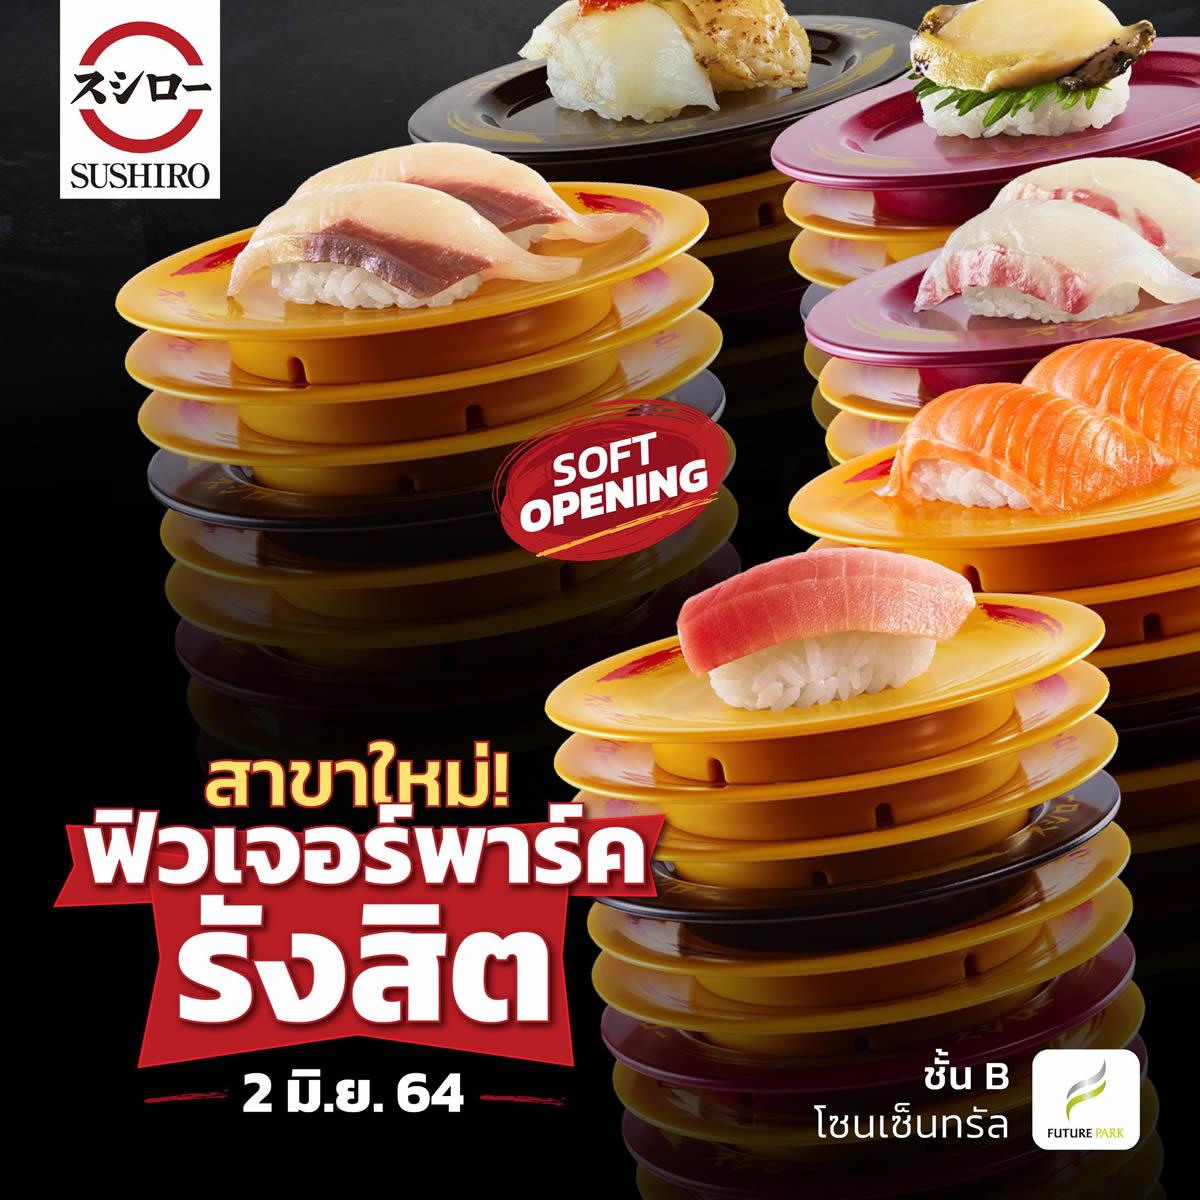 「スシロー」タイ2号店、フューチャーパークで6月2日オープン